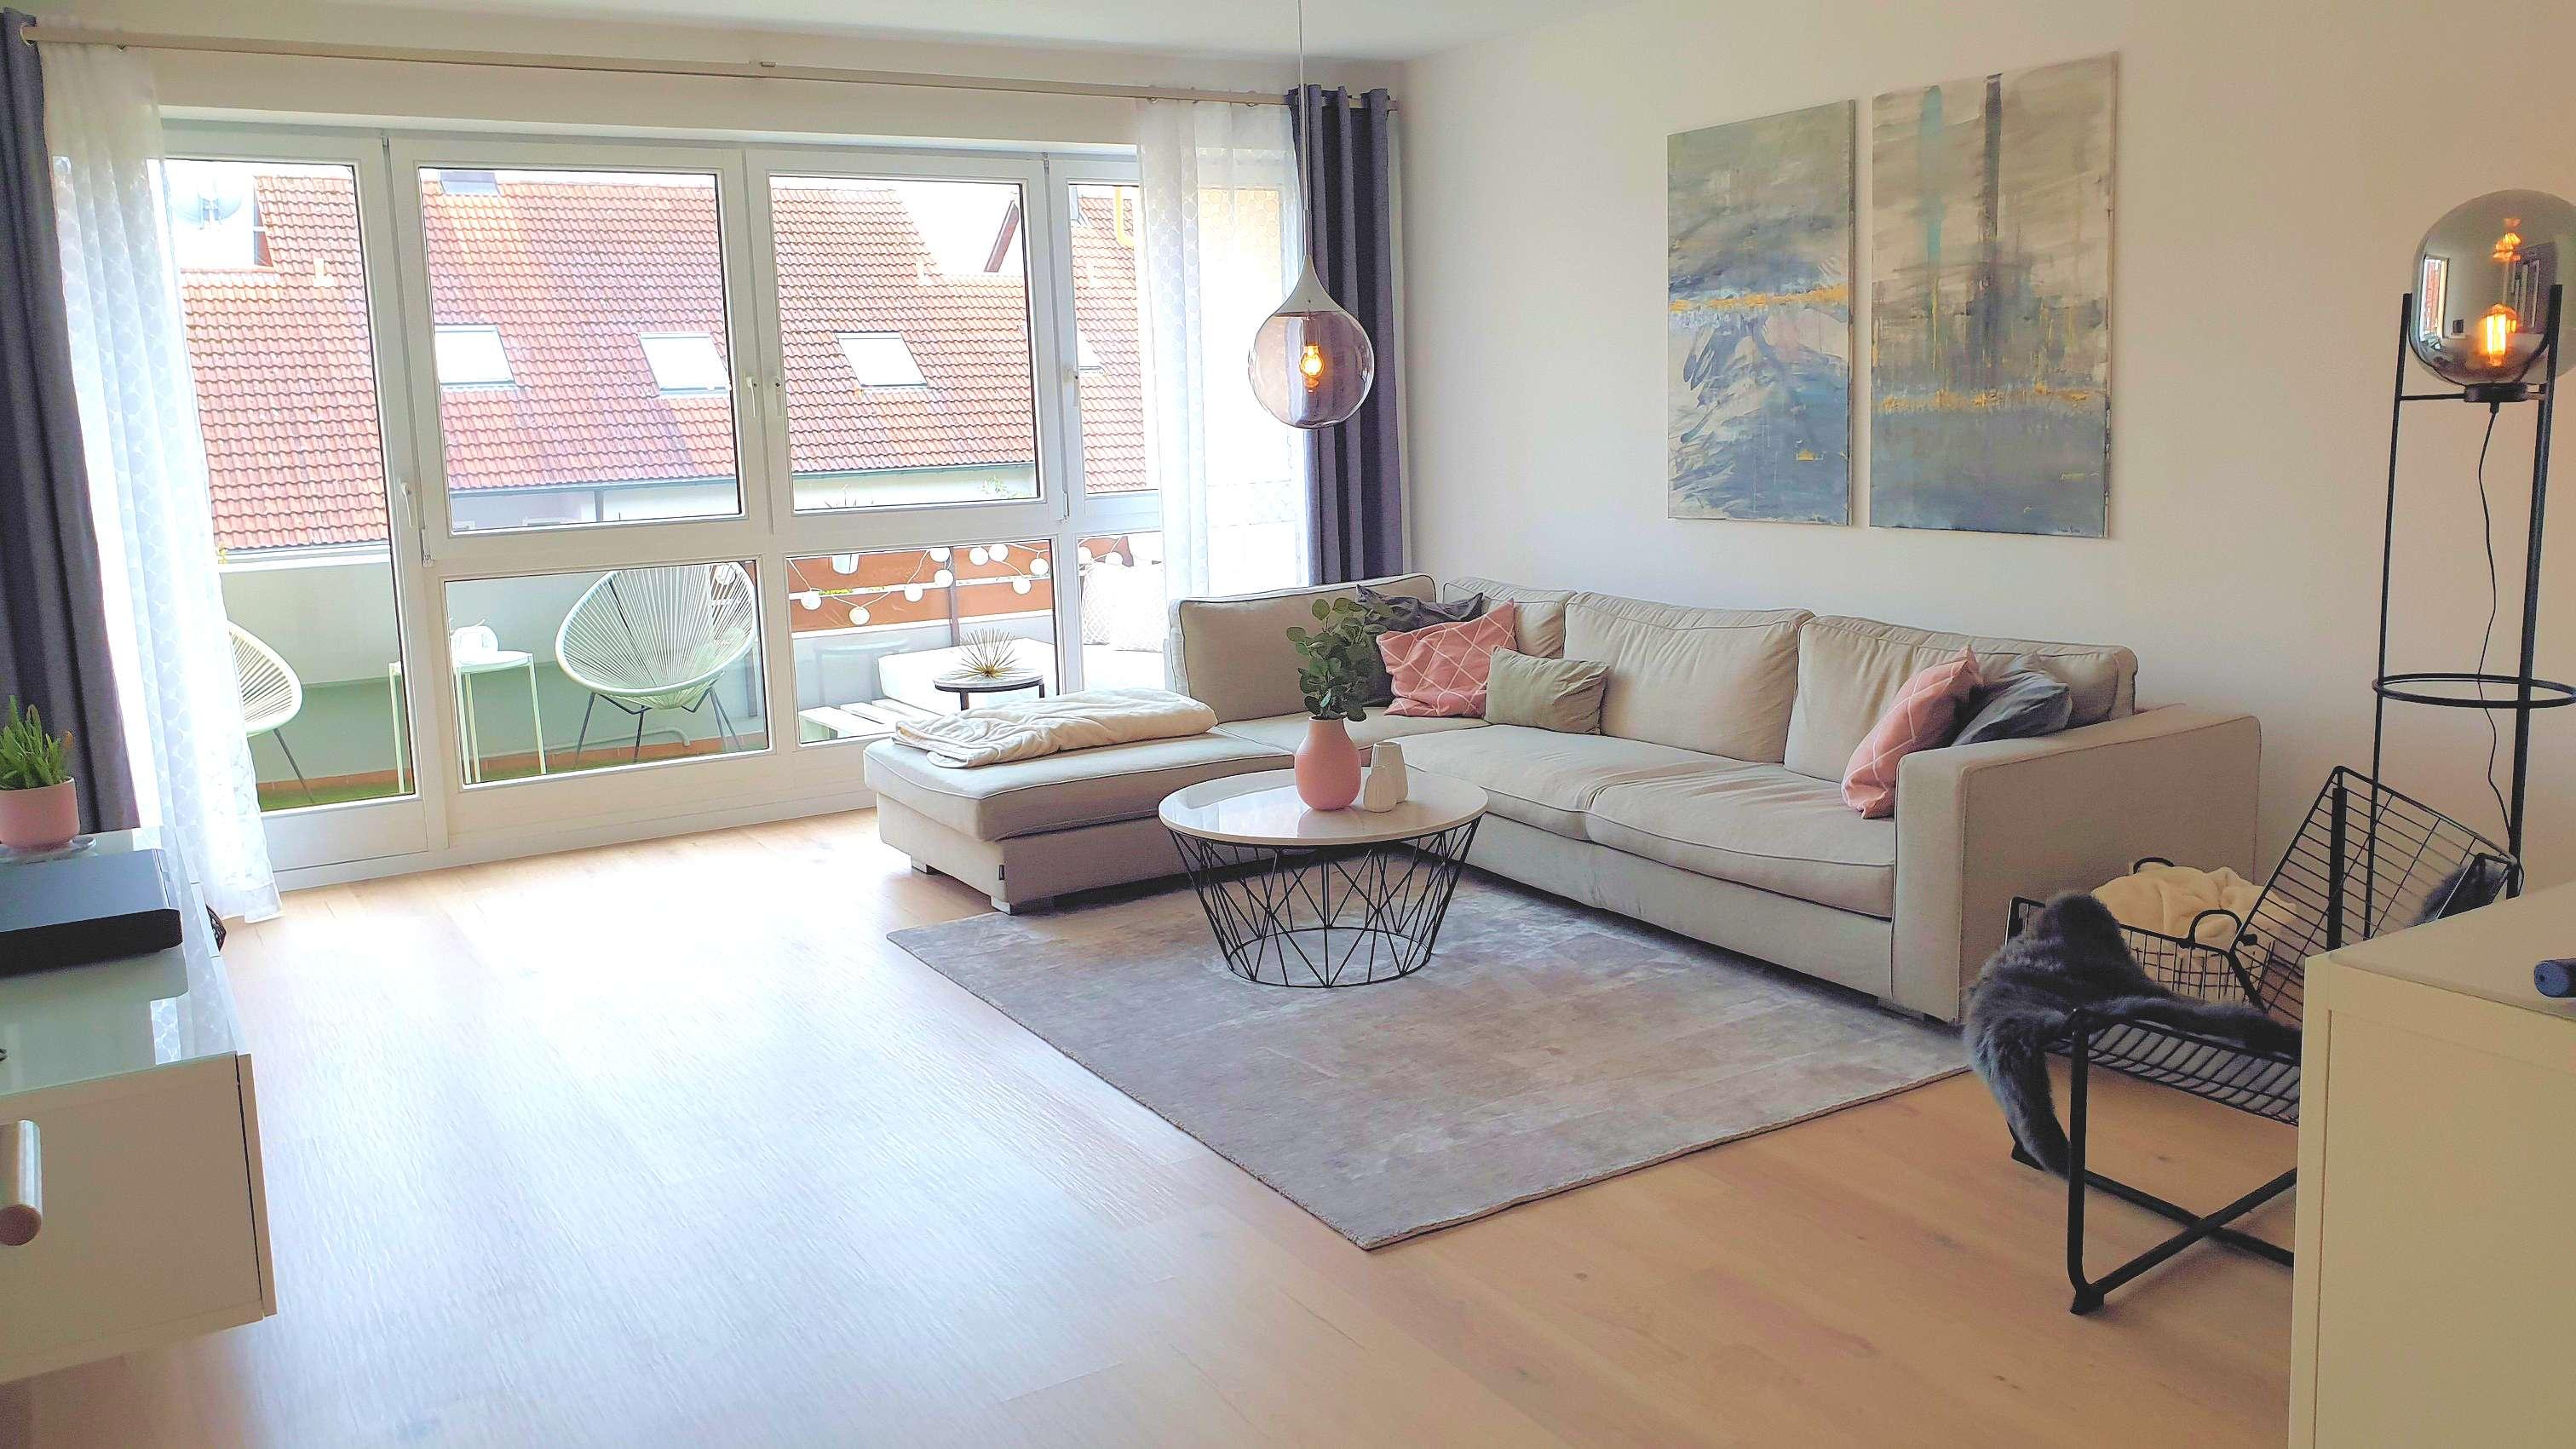 Traumhafte 3-Zimmer-Wohnung zum Verlieben 1. OG - Südbalkon